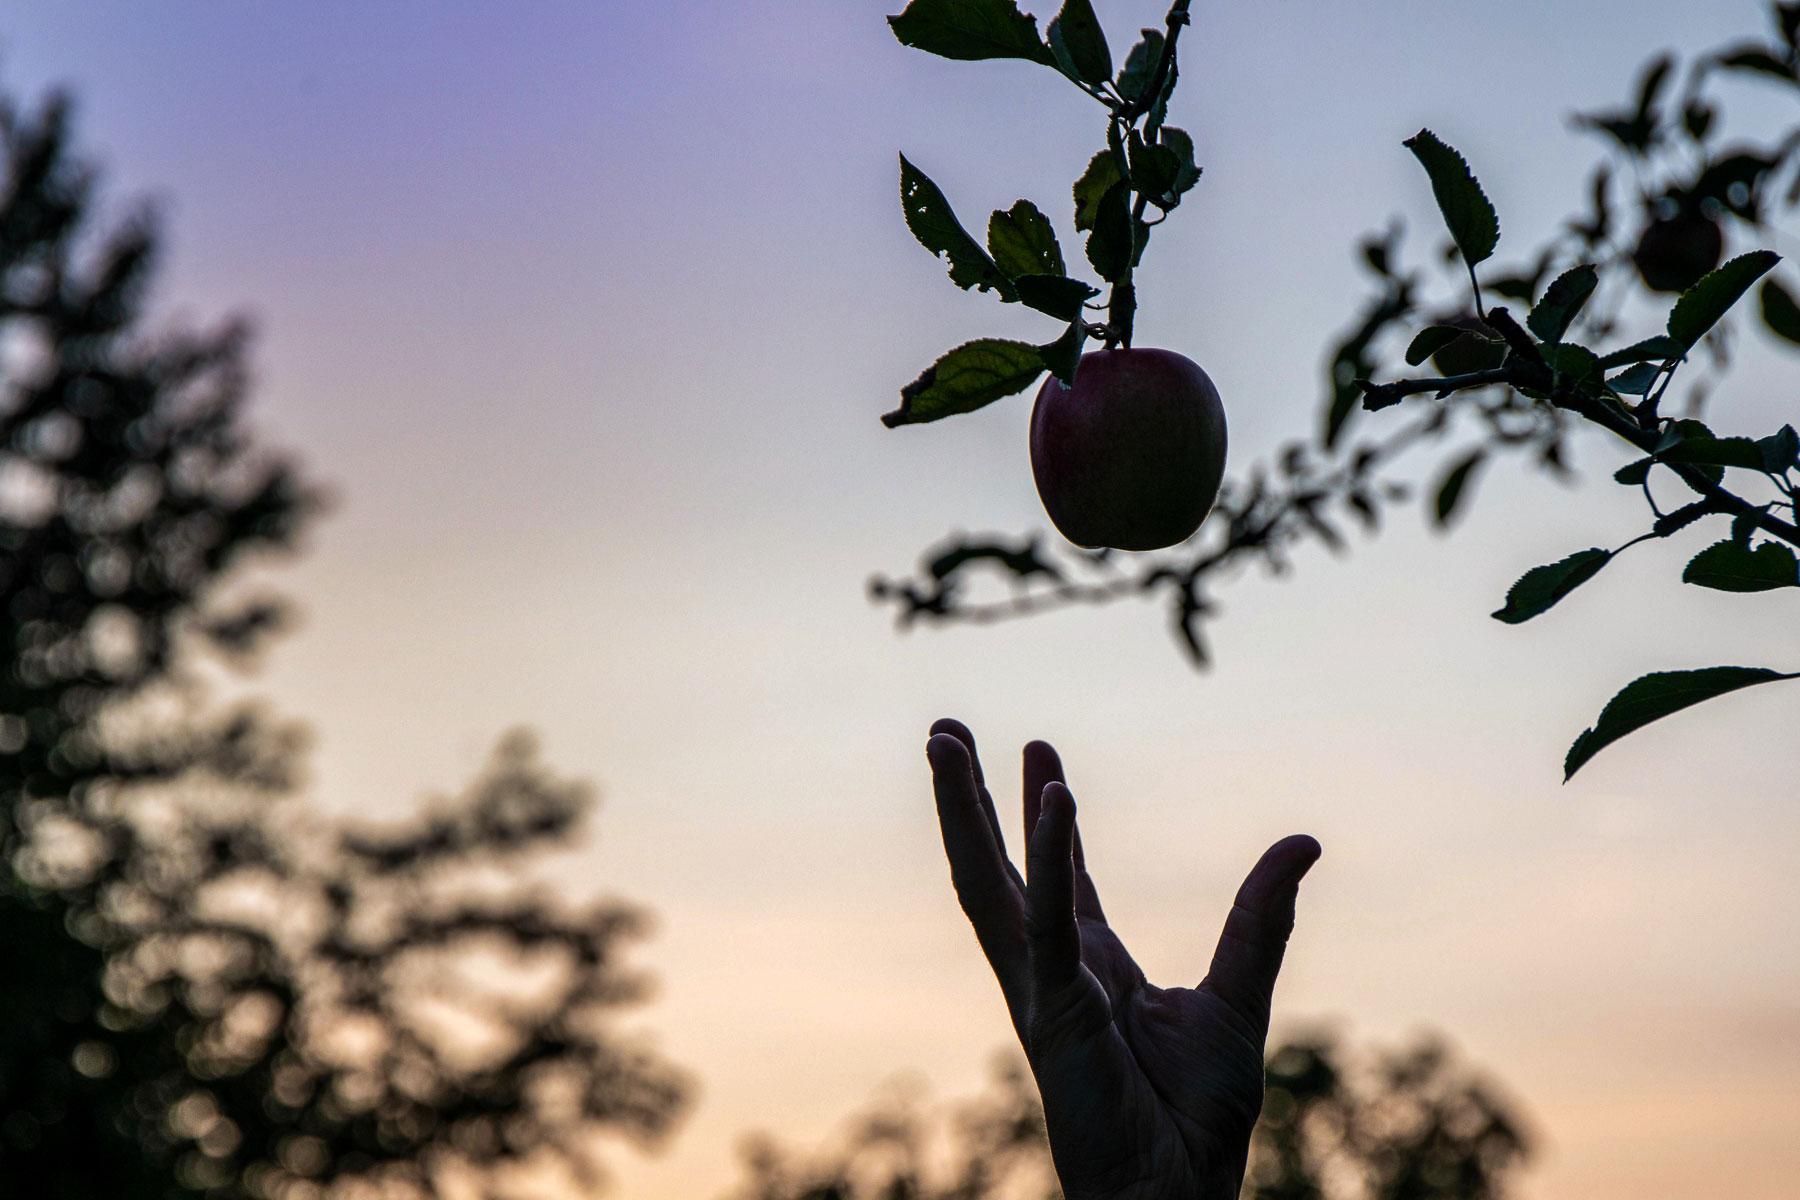 Etwas fruchtig Gesundes auf der Hand  von Andreas Ochsenkühn